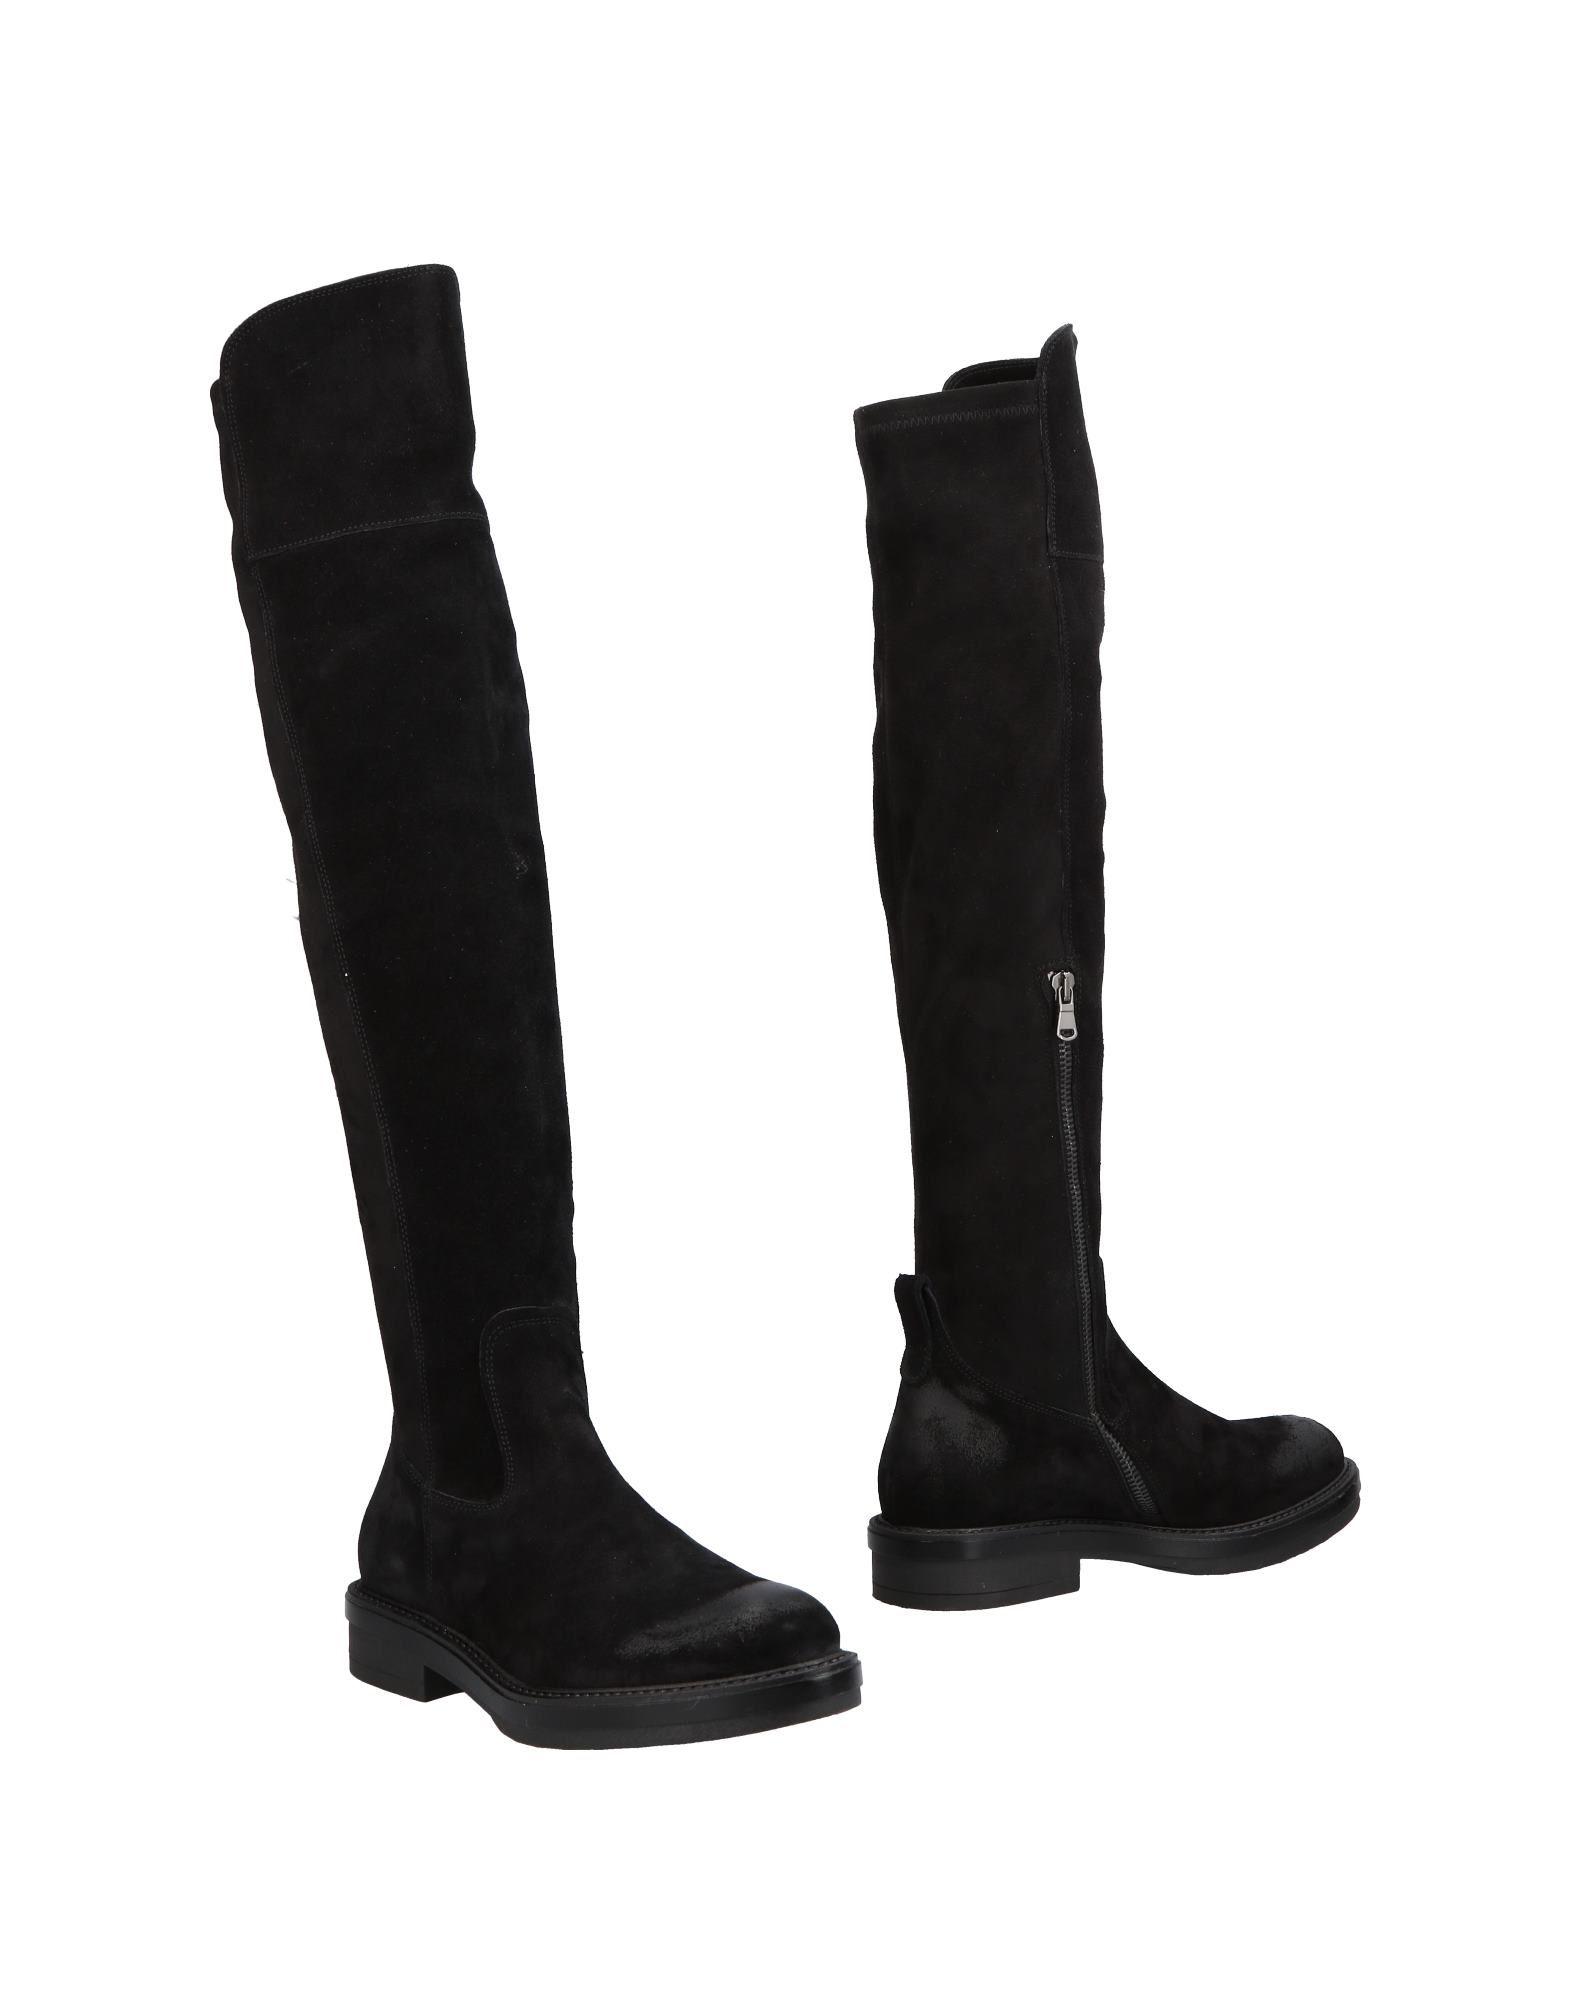 Keb Stiefel Damen  11502474CJ Gute Qualität beliebte Schuhe